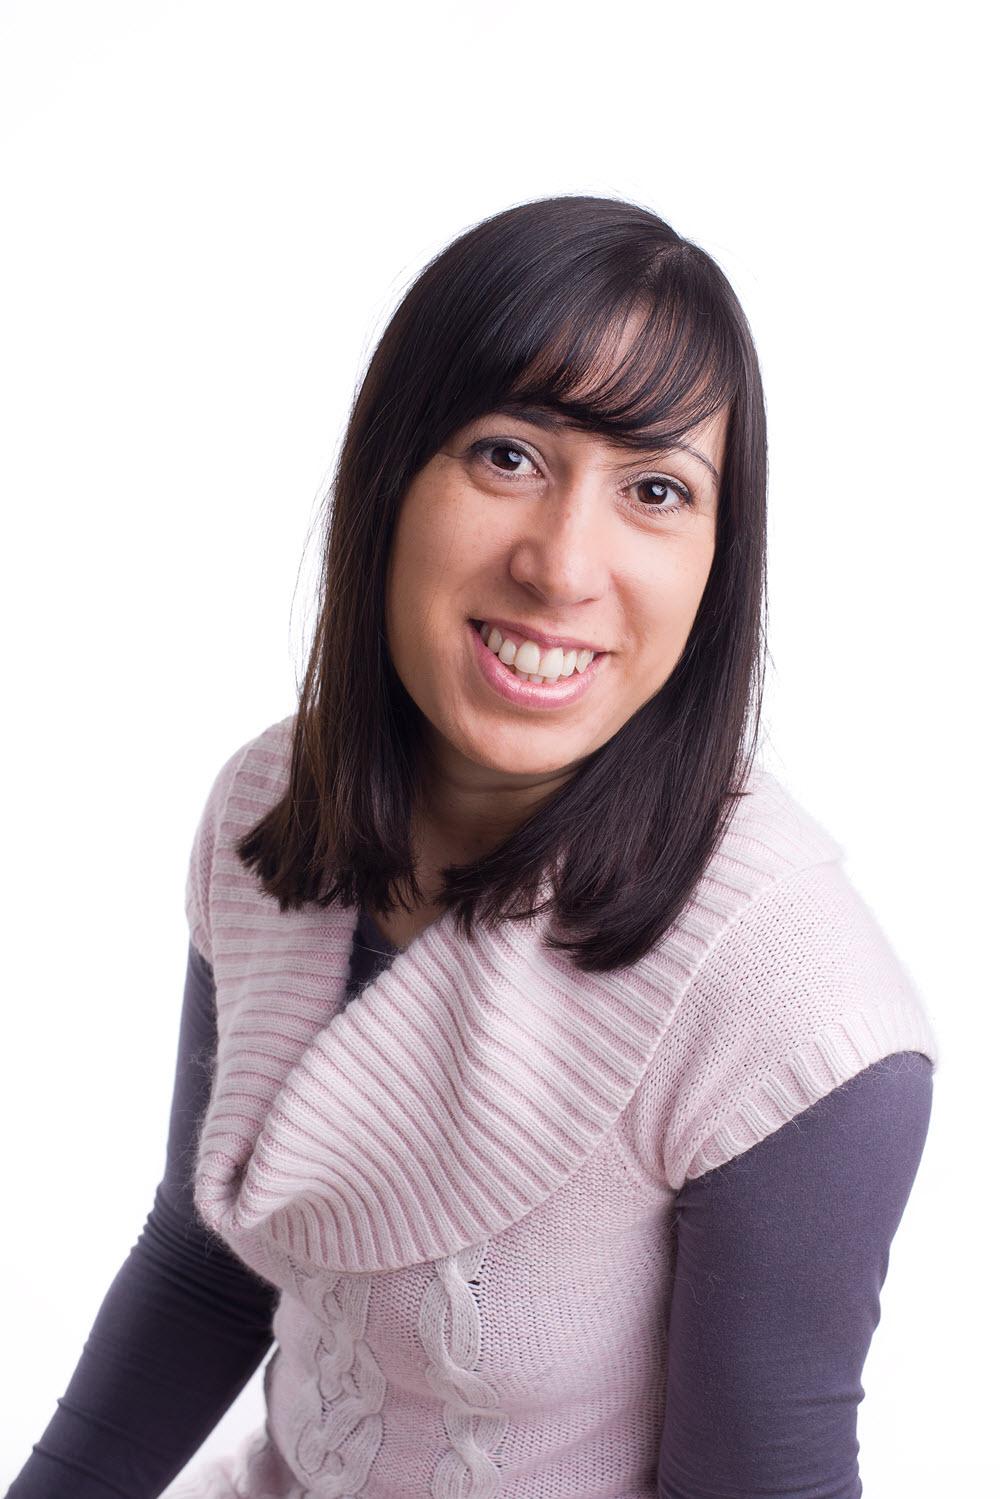 Luisa Gatward